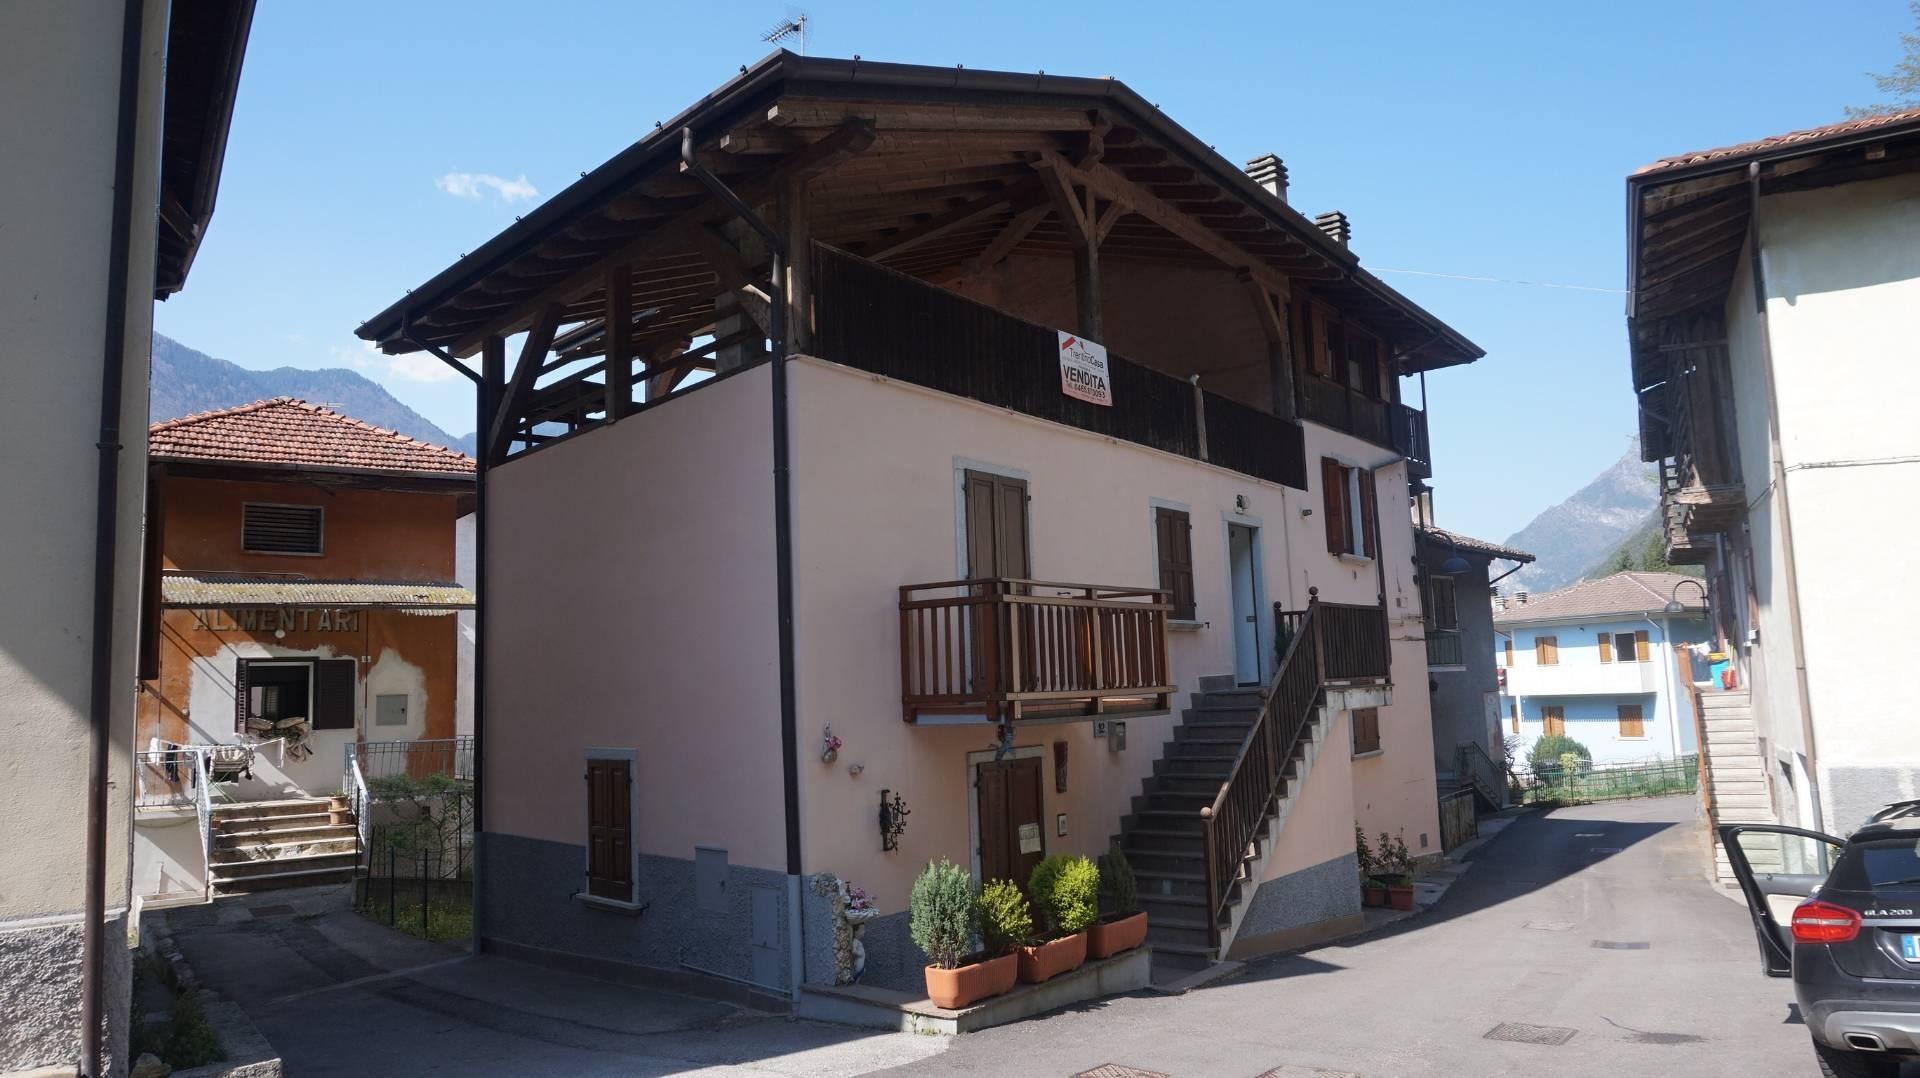 Appartamento in vendita a Bondone, 4 locali, zona Zona: Baitoni, prezzo € 45.000 | CambioCasa.it